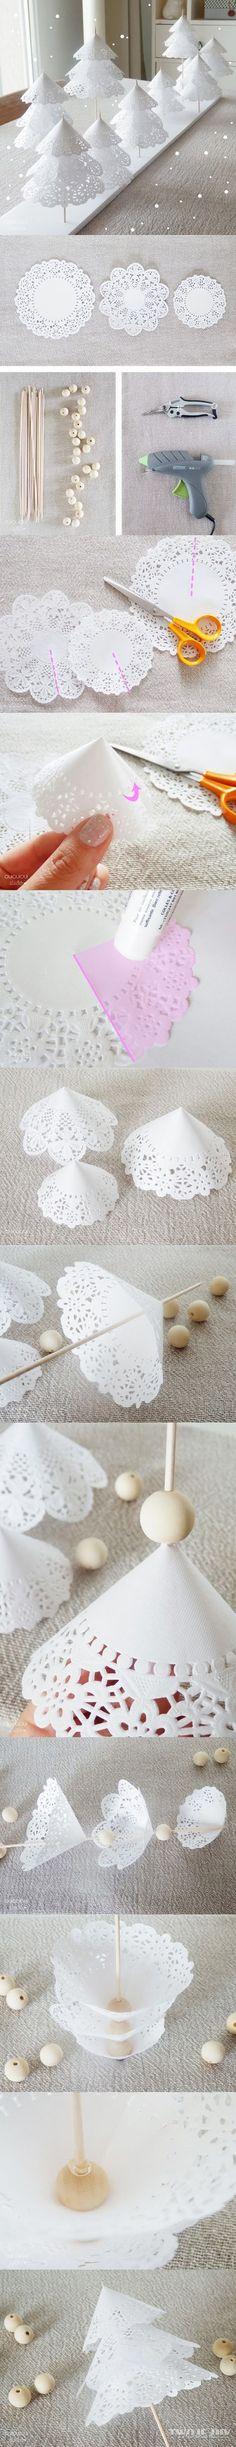 Diy sapins de noël avec napperons en papier !!